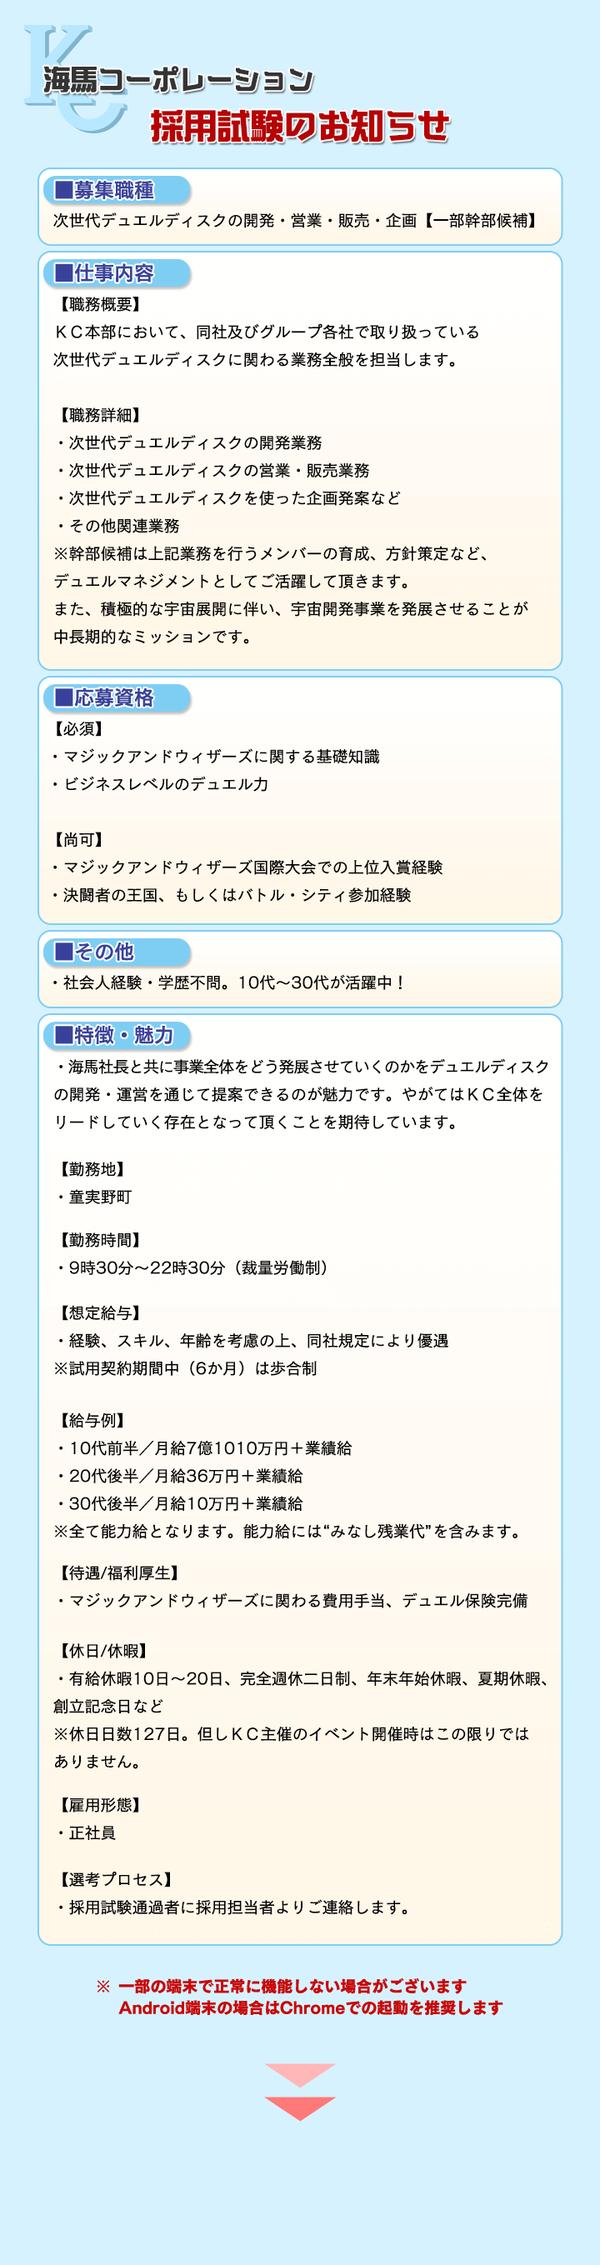 kaiba_saiyo